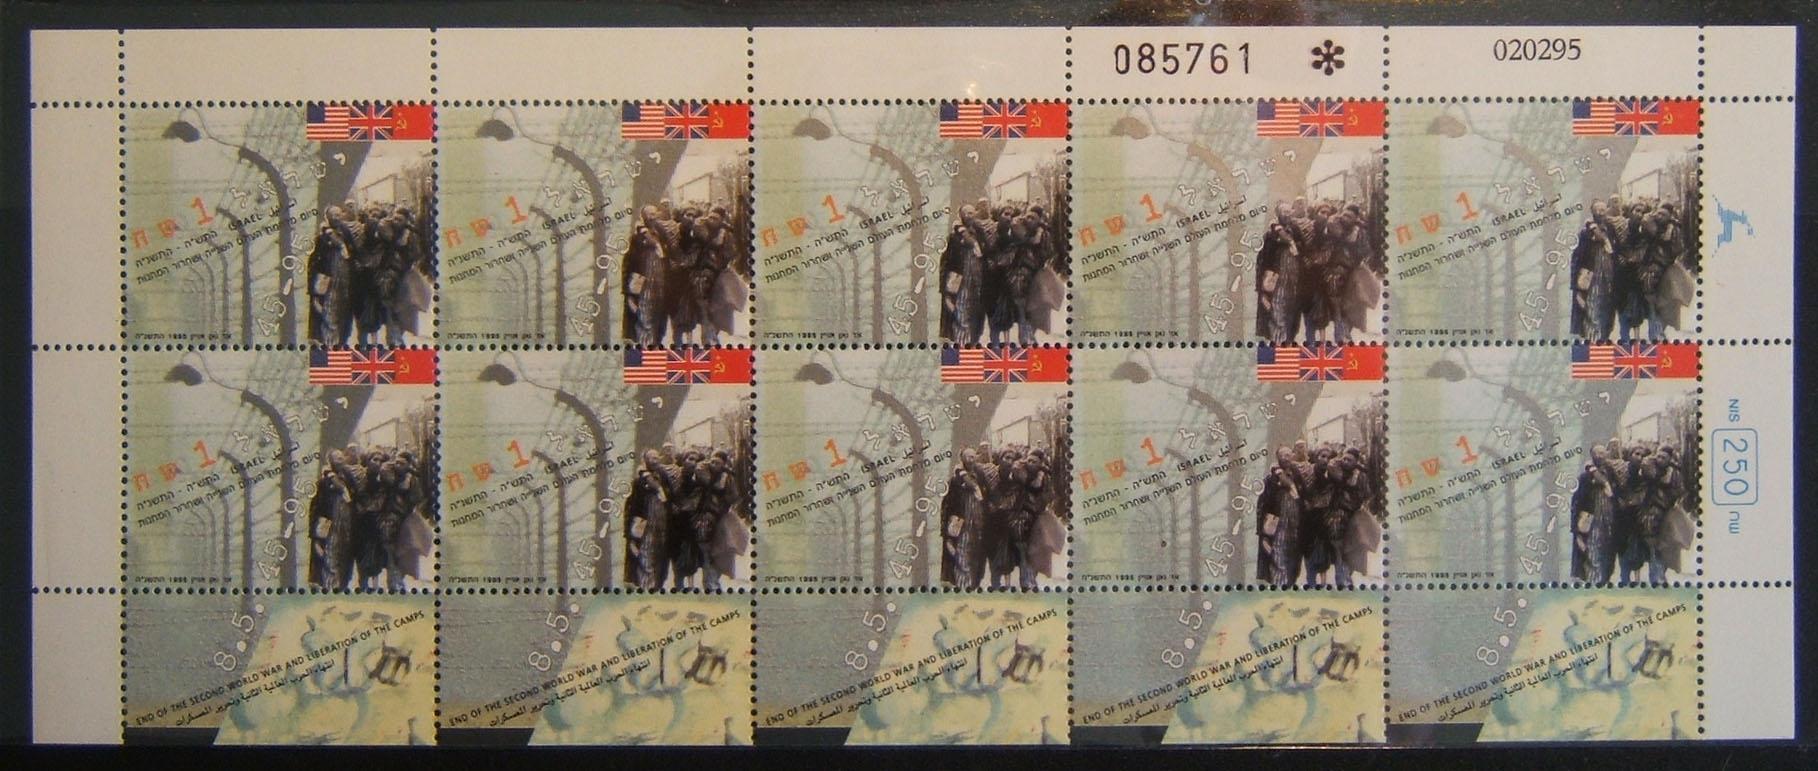 1995 50th Anniv End WWII/Lib. Camps 1 NIS stp sheet (Ba Min.101); MNH